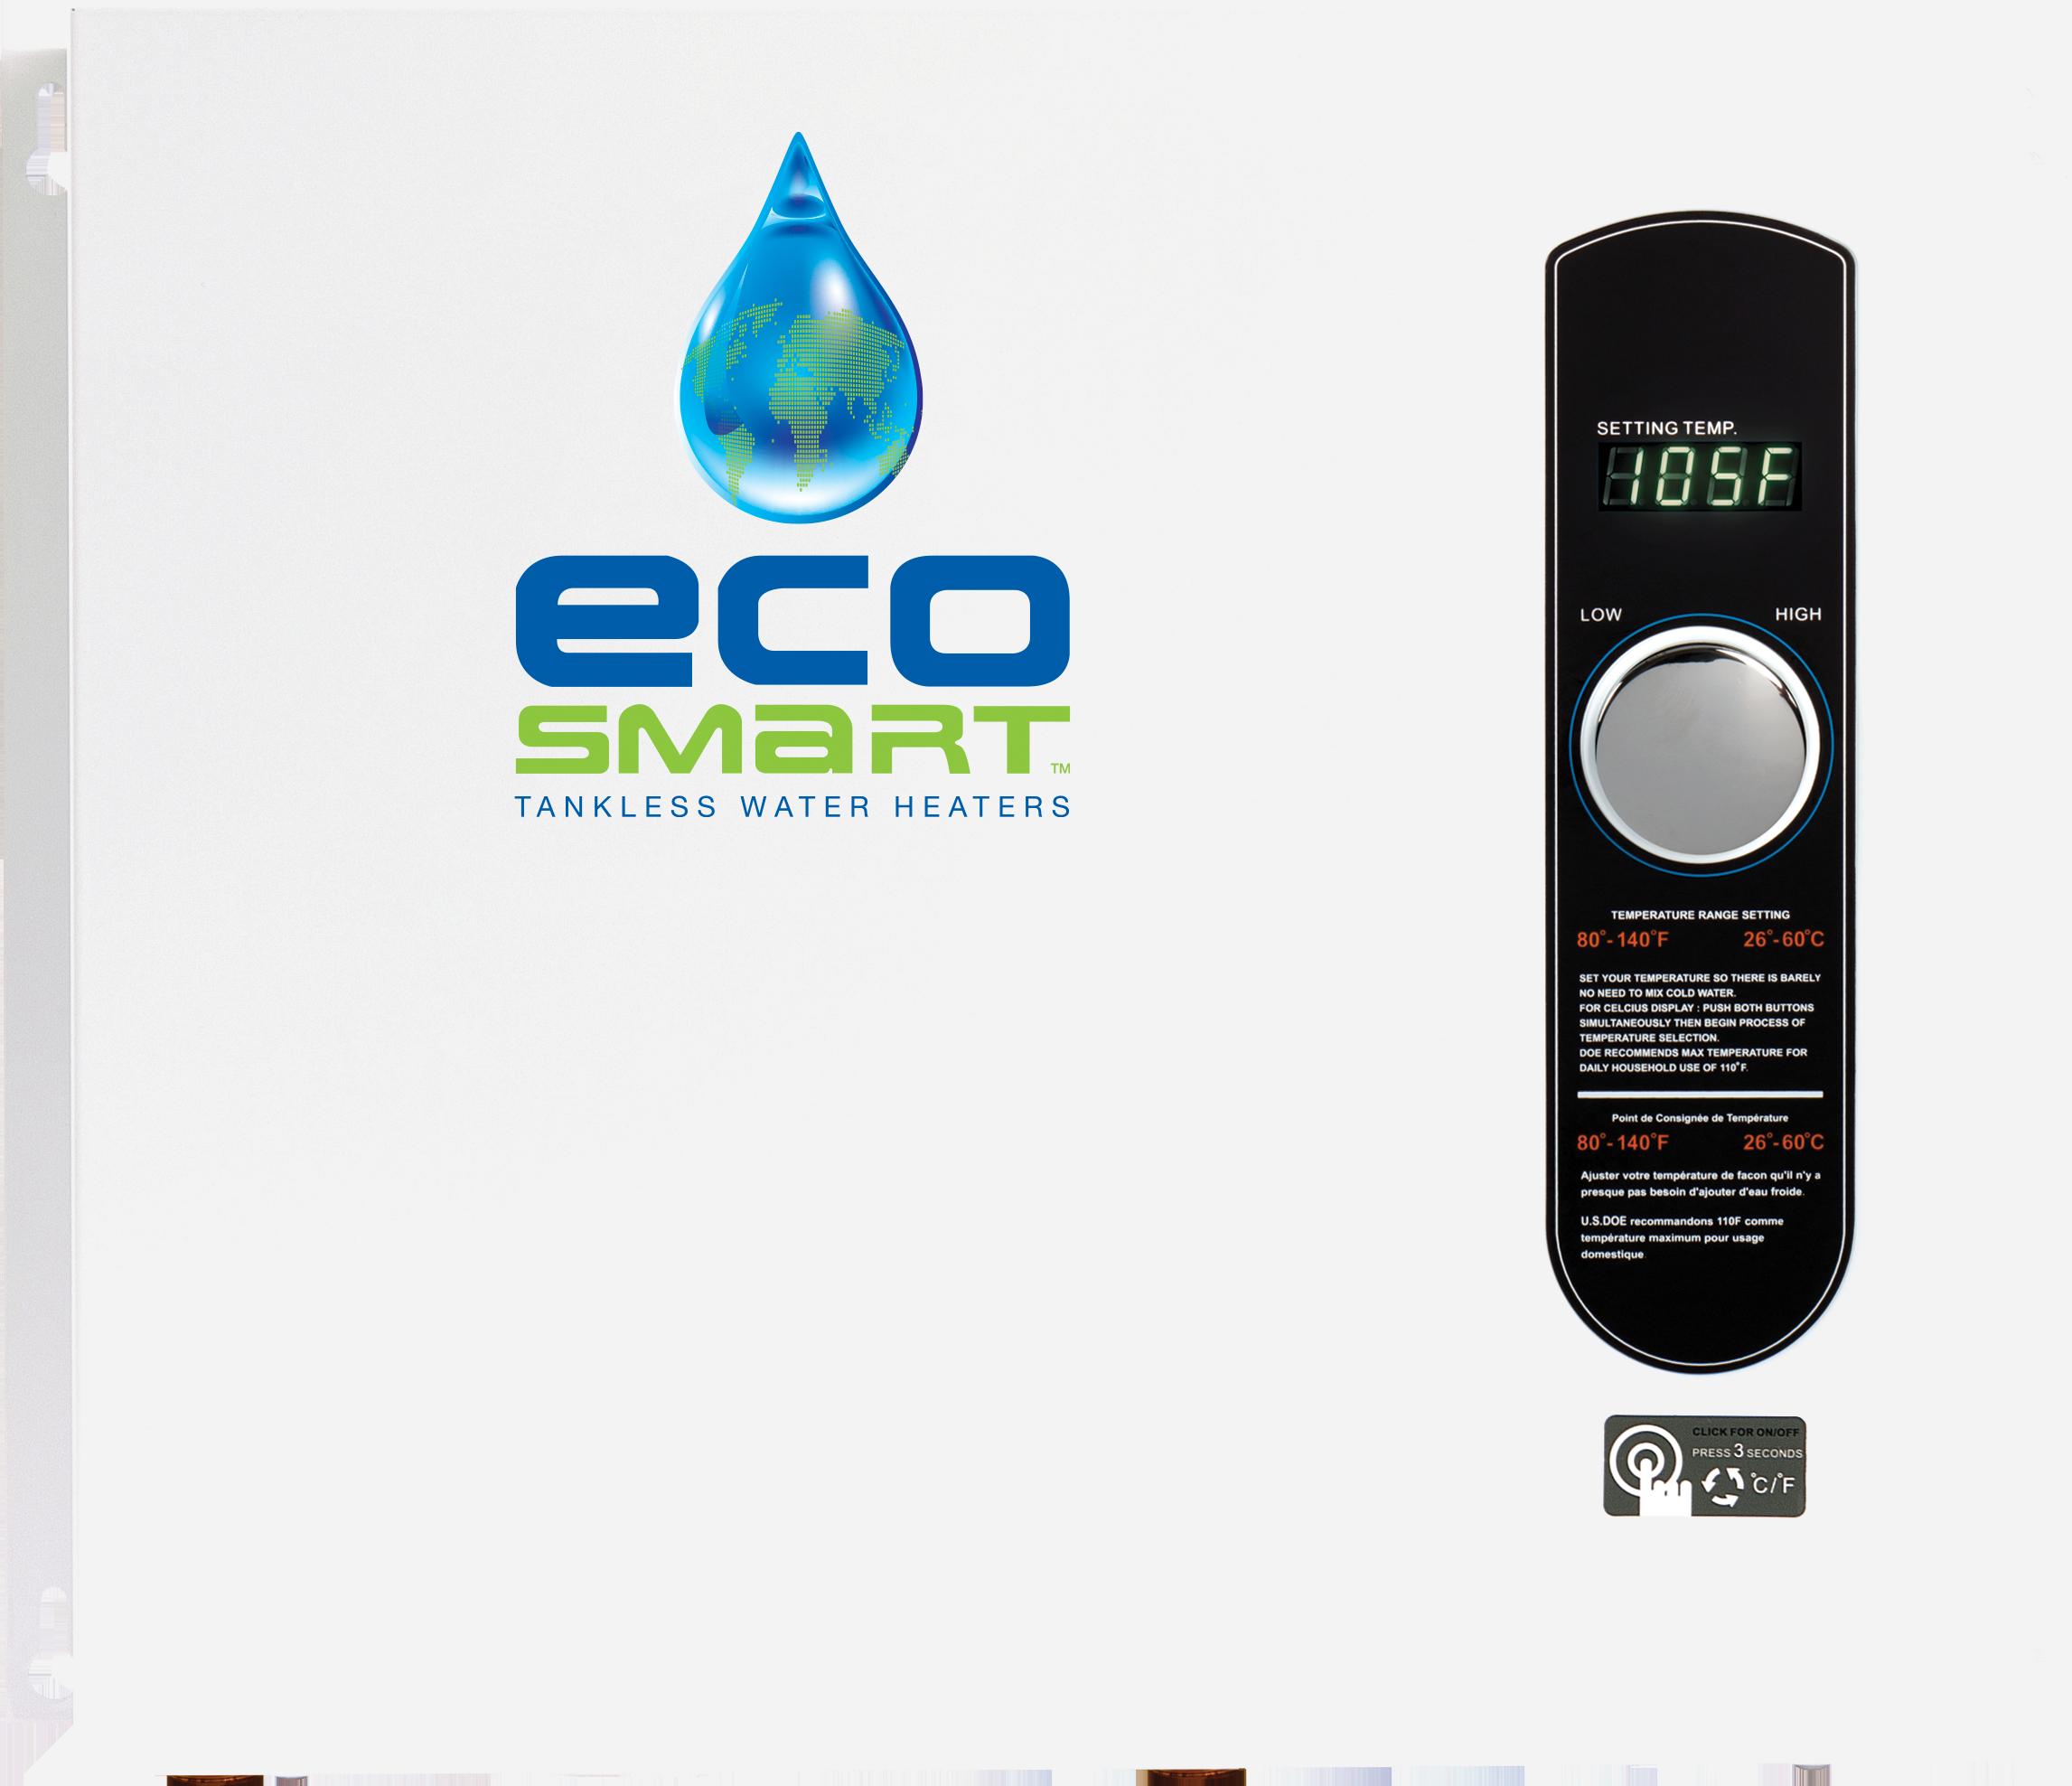 ECO 36 - Web Product Image